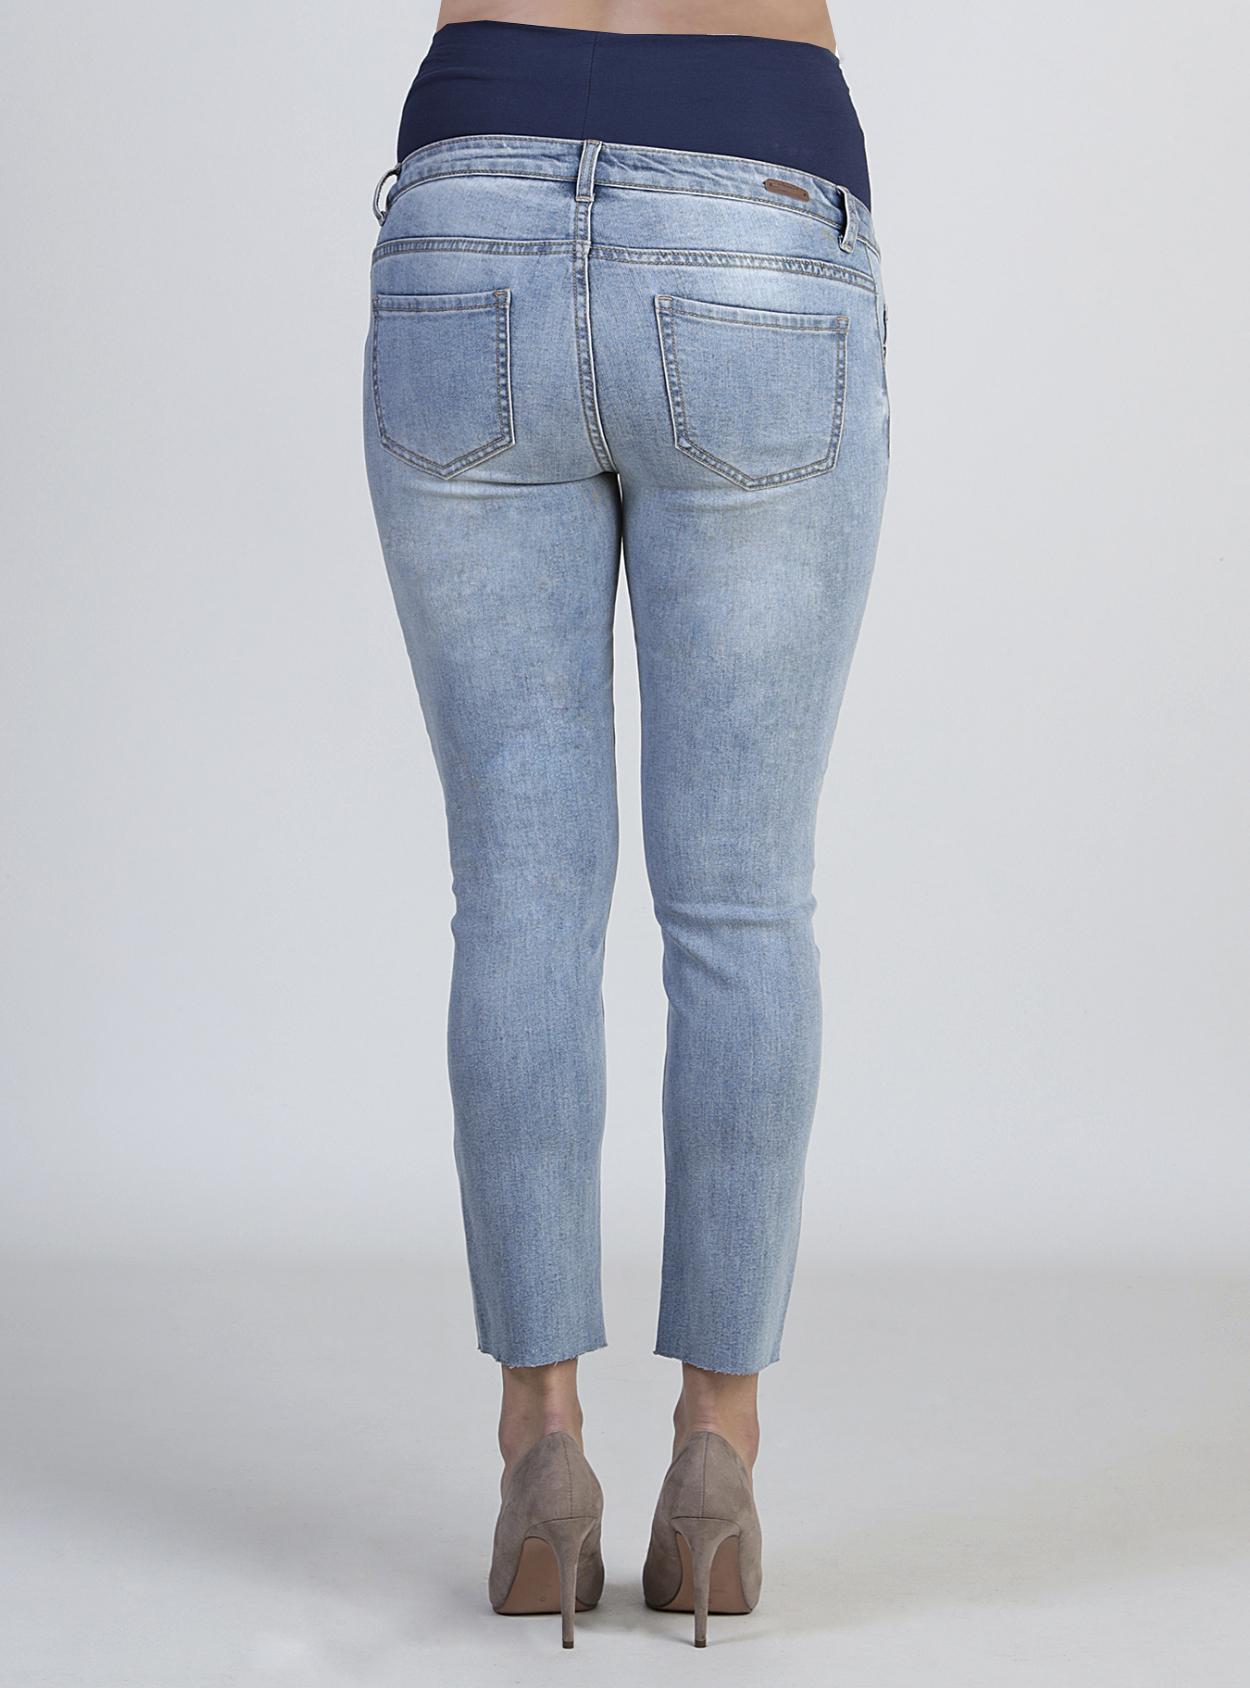 Jeans claro con bordado maternal